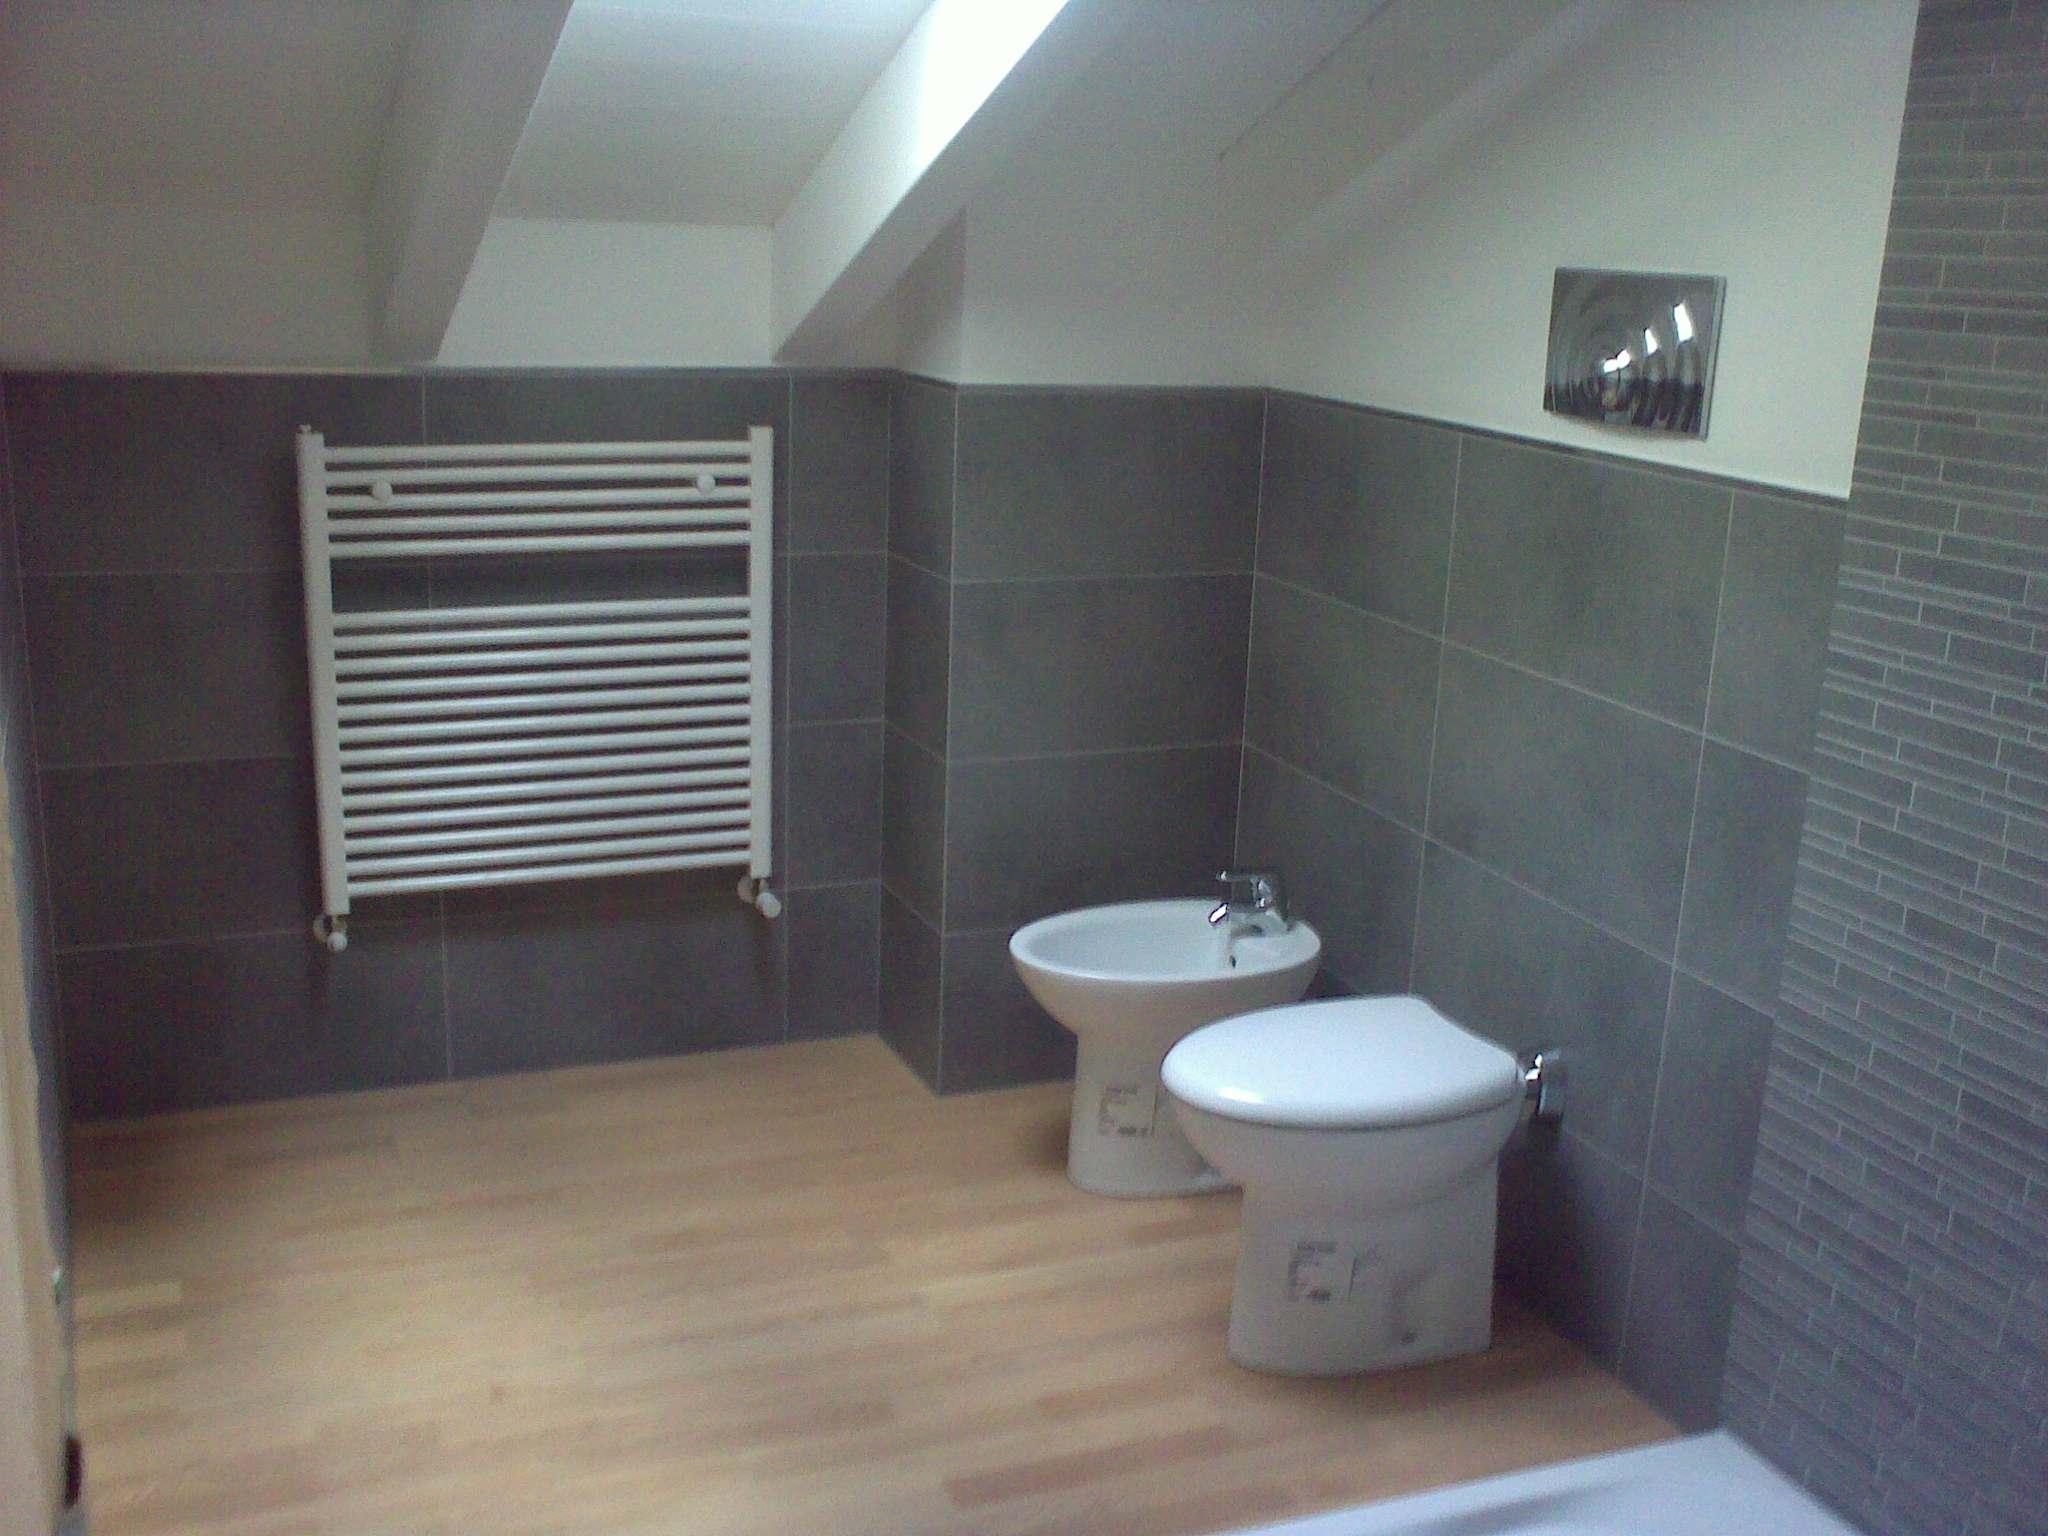 Cool bagno in dwg devonudevon arredo bagno mobili sanitari - Resina per mobili ...